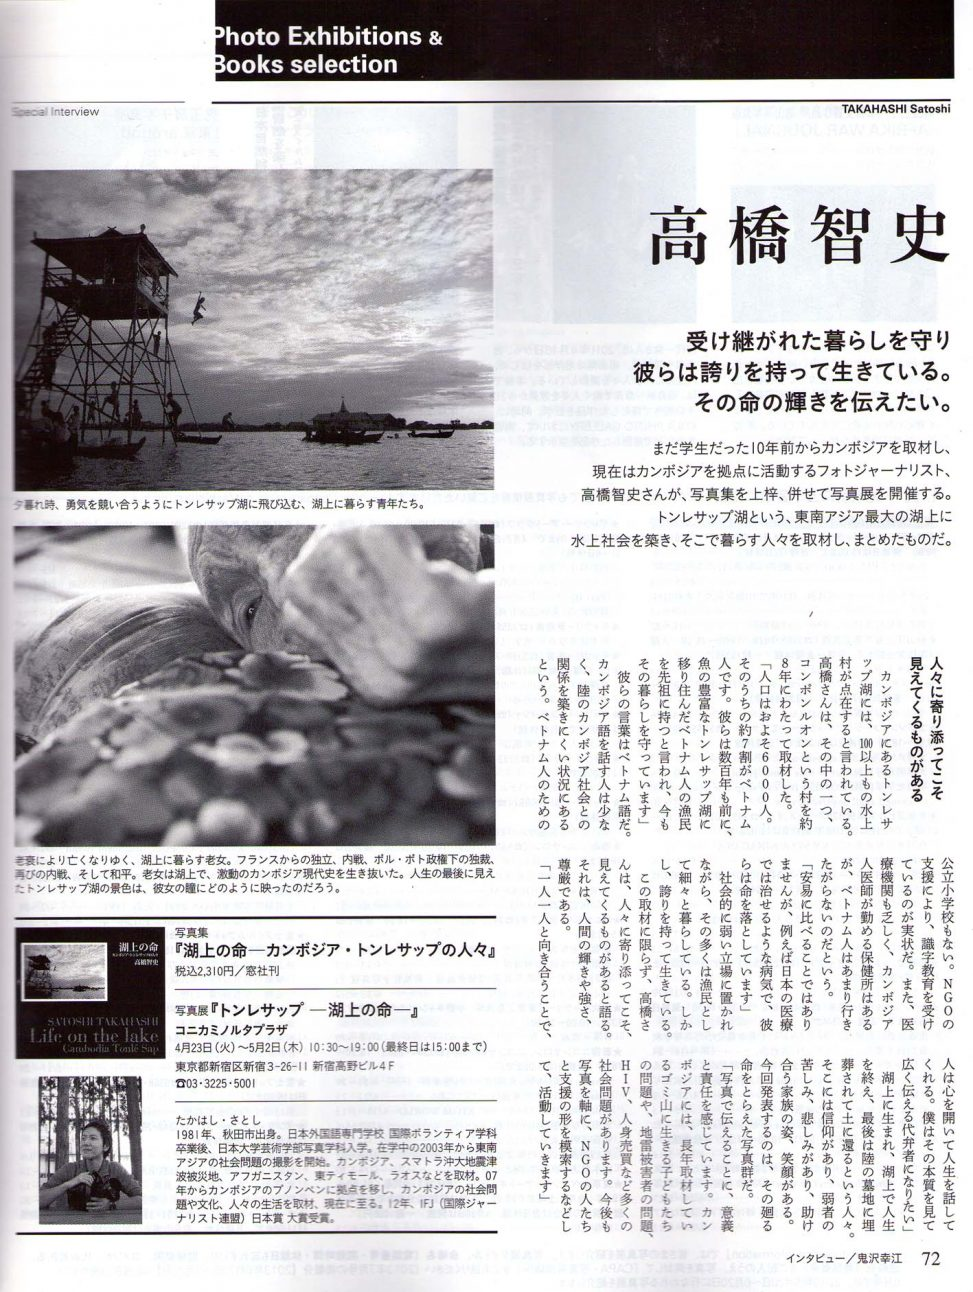 CAPA5月号 Photo Exhibitions&Books selection